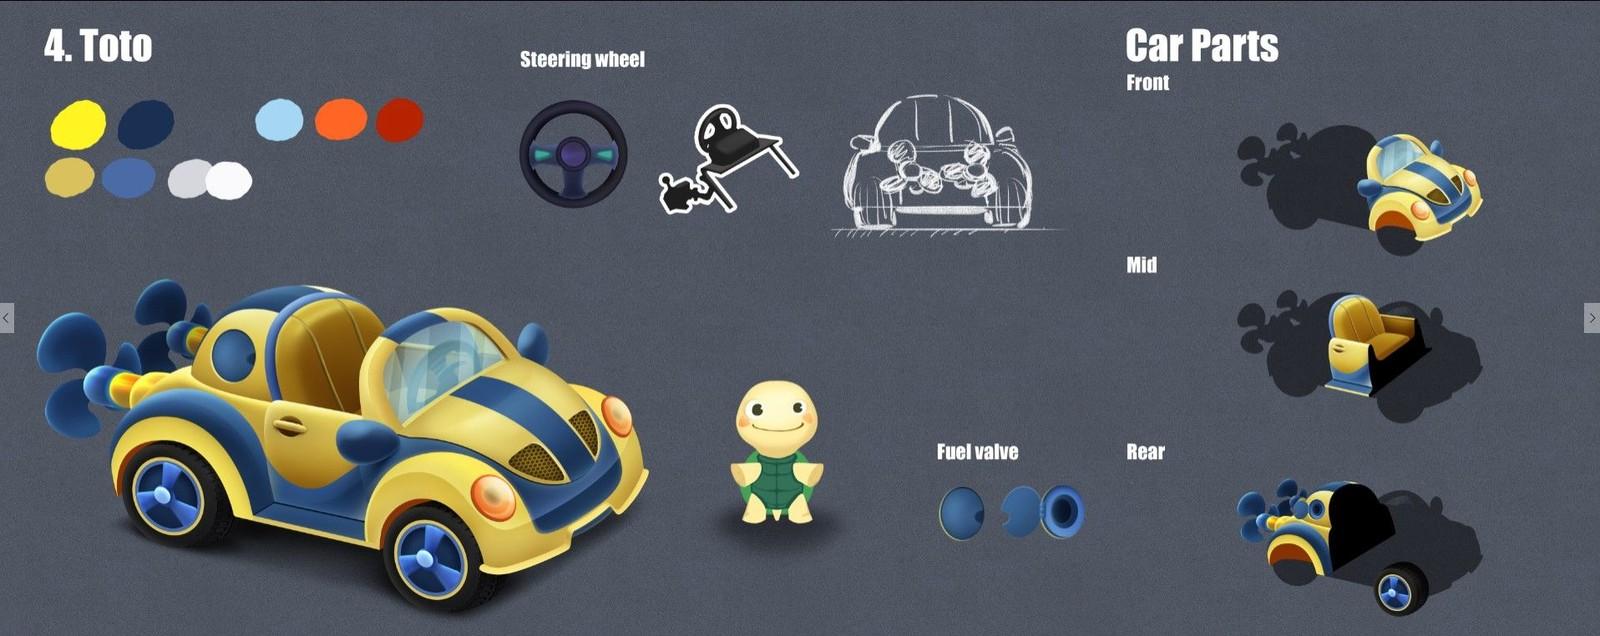 Car Design -  Volkswagen Beetle